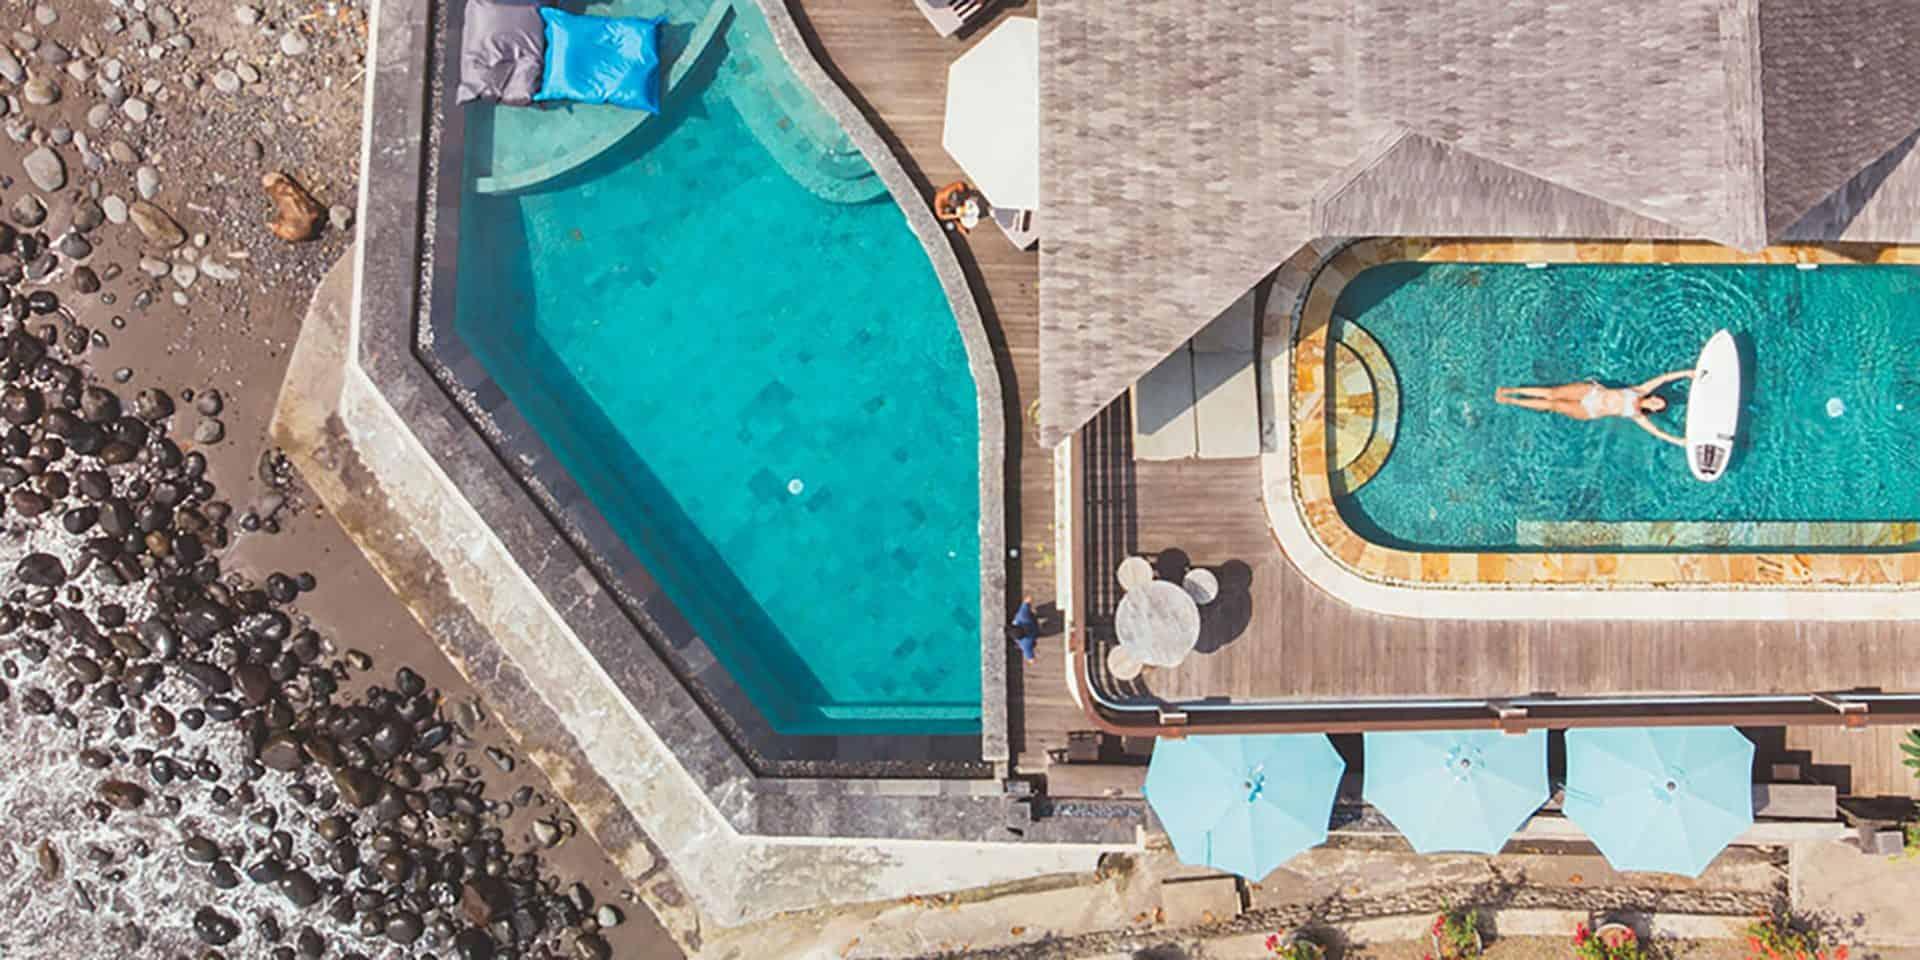 best bali surf hotels luxury canggu uluwatu keramas medewi balangan padang